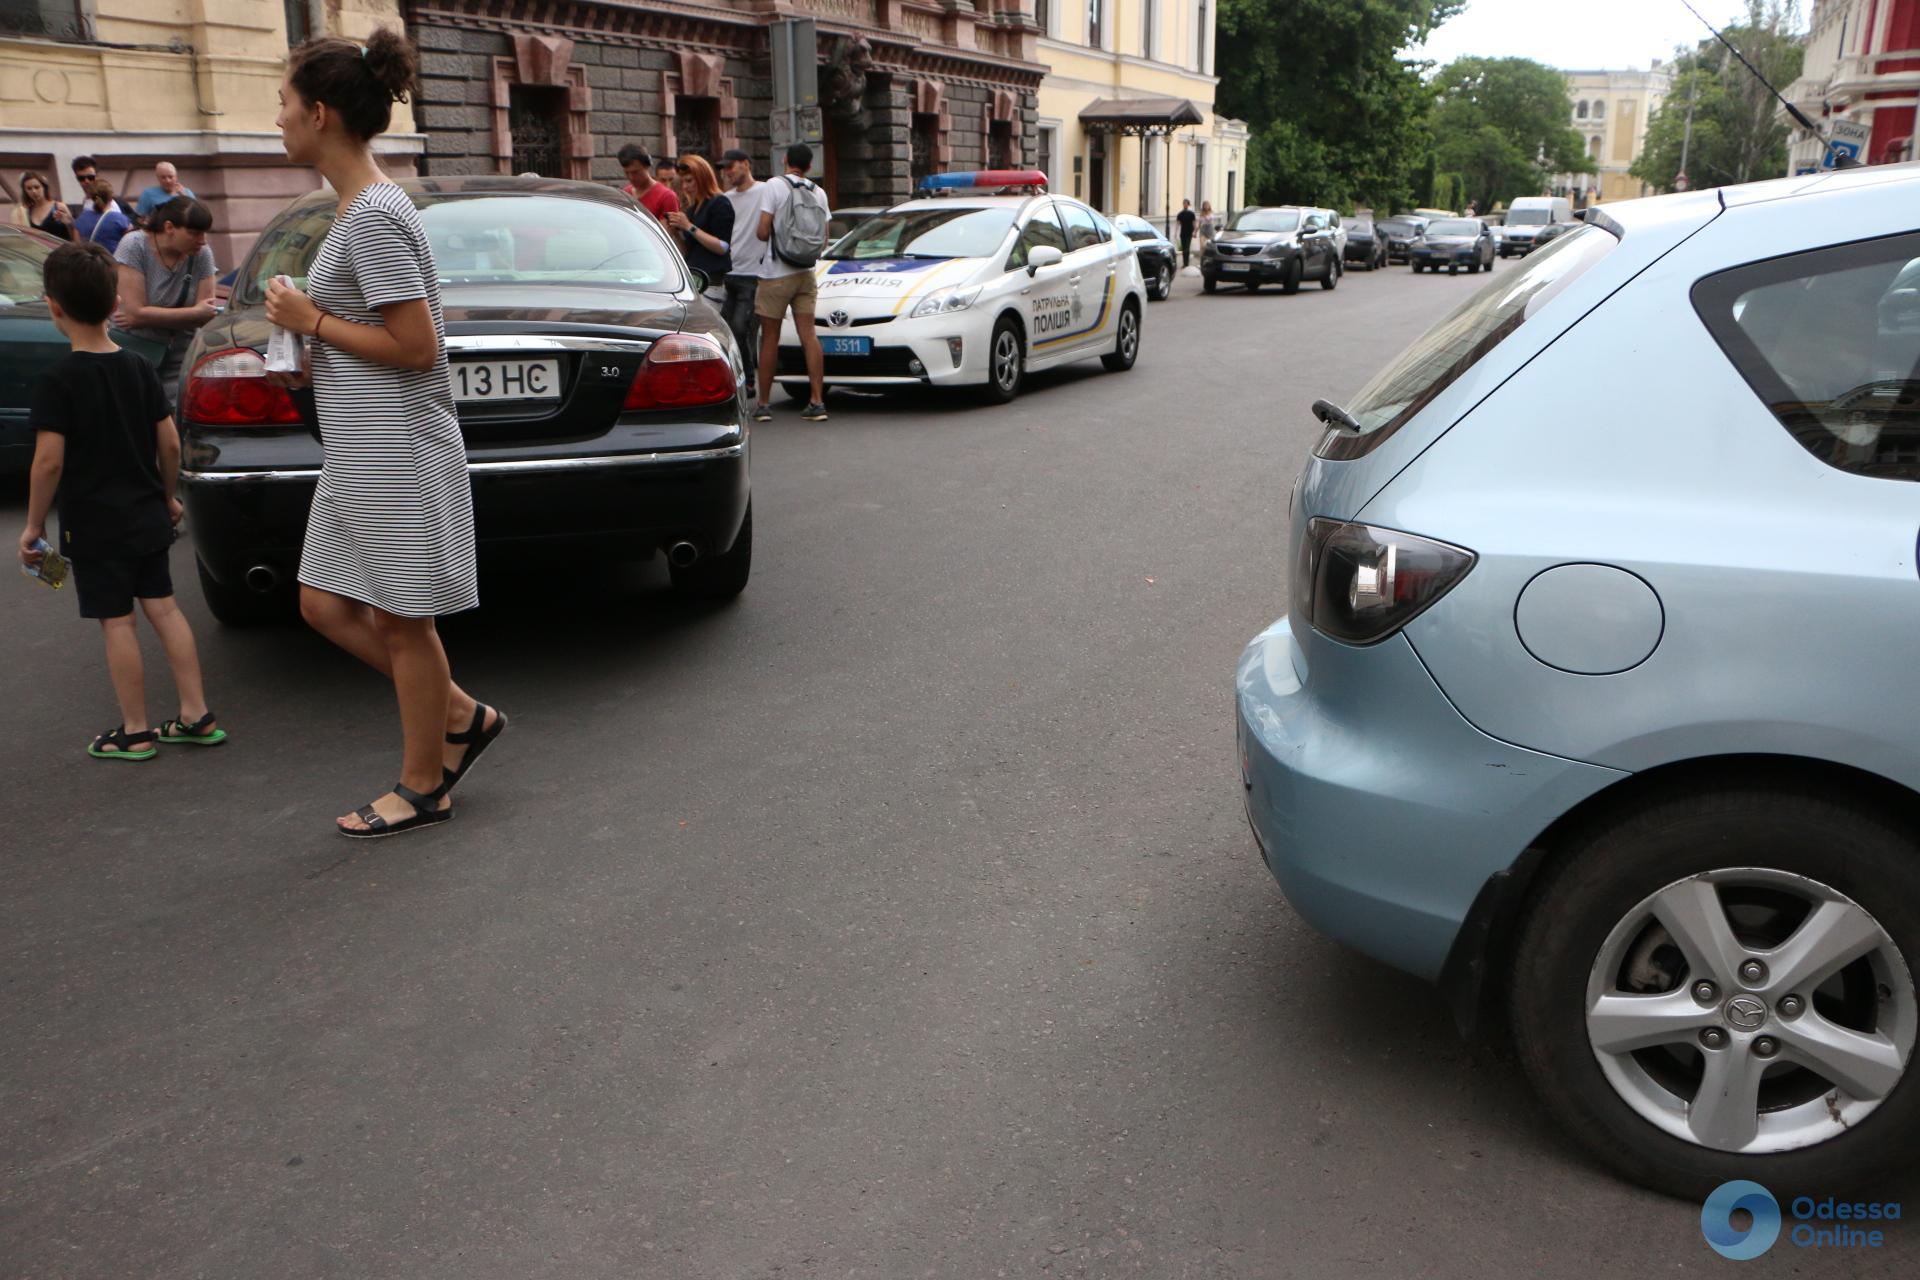 В Одессе пьяная женщина на Jaguar разбила сразу пять машин - фото